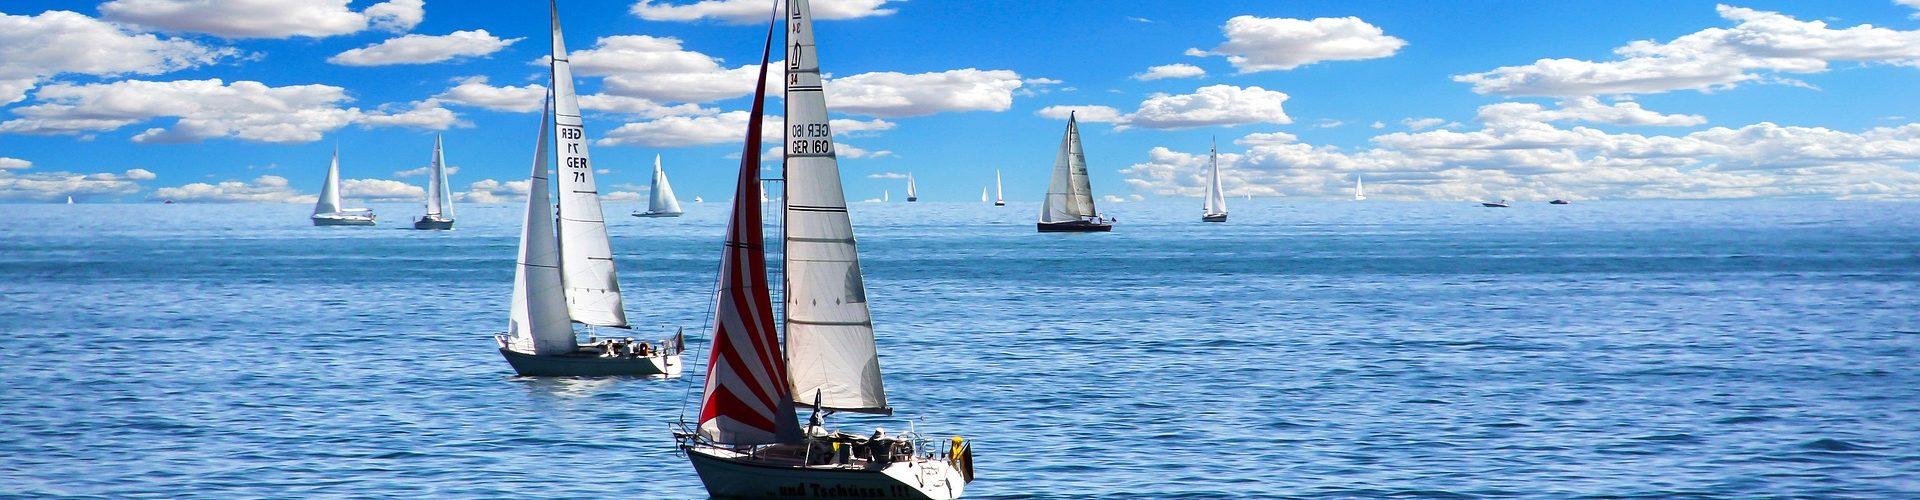 segeln lernen in Chieming segelschein machen in Chieming 1920x500 - Segeln lernen in Chieming